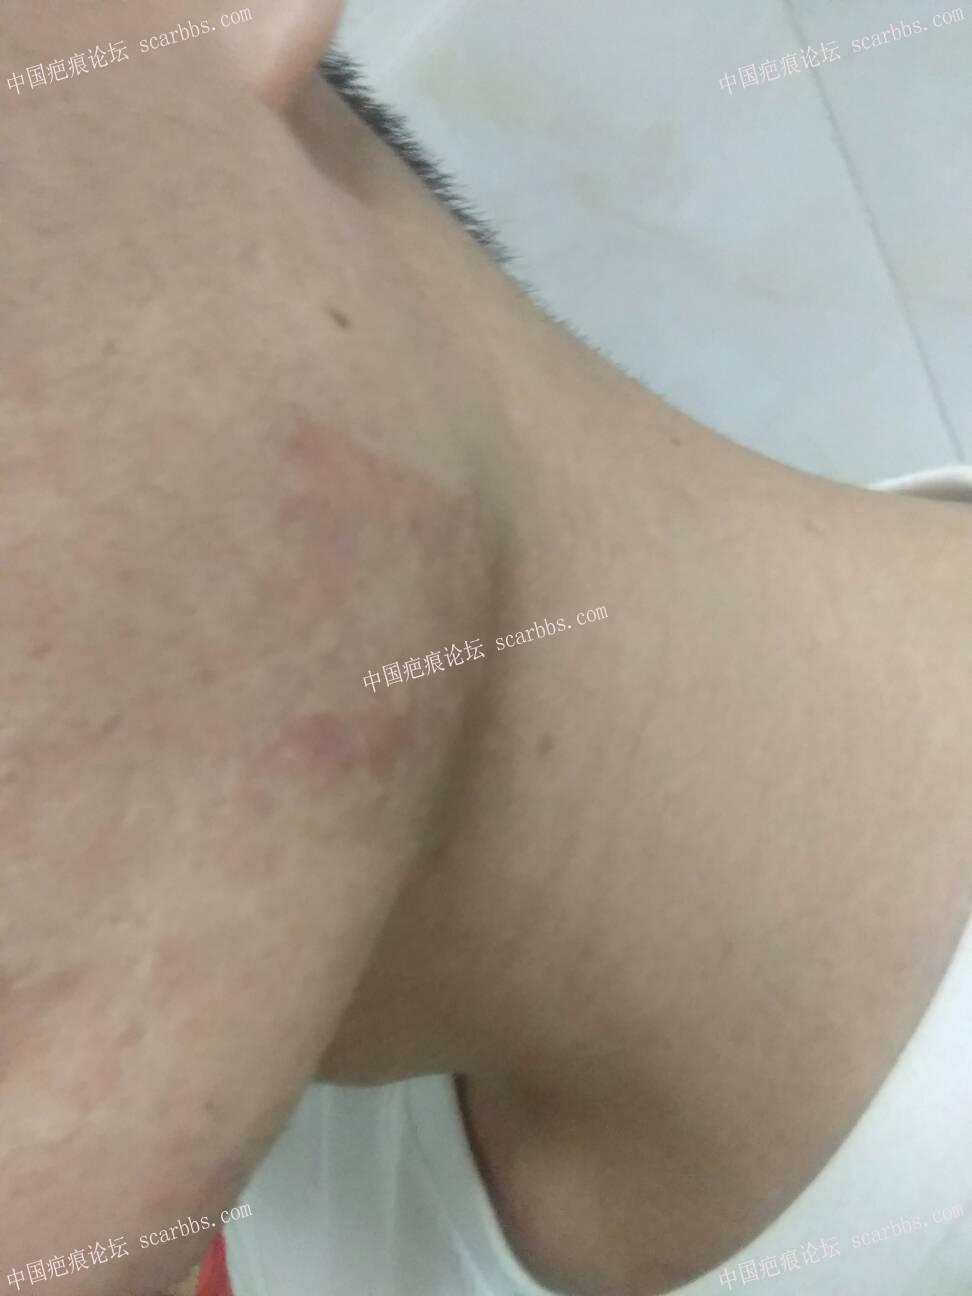 北京疤康——治疗疤痕疙瘩最终站